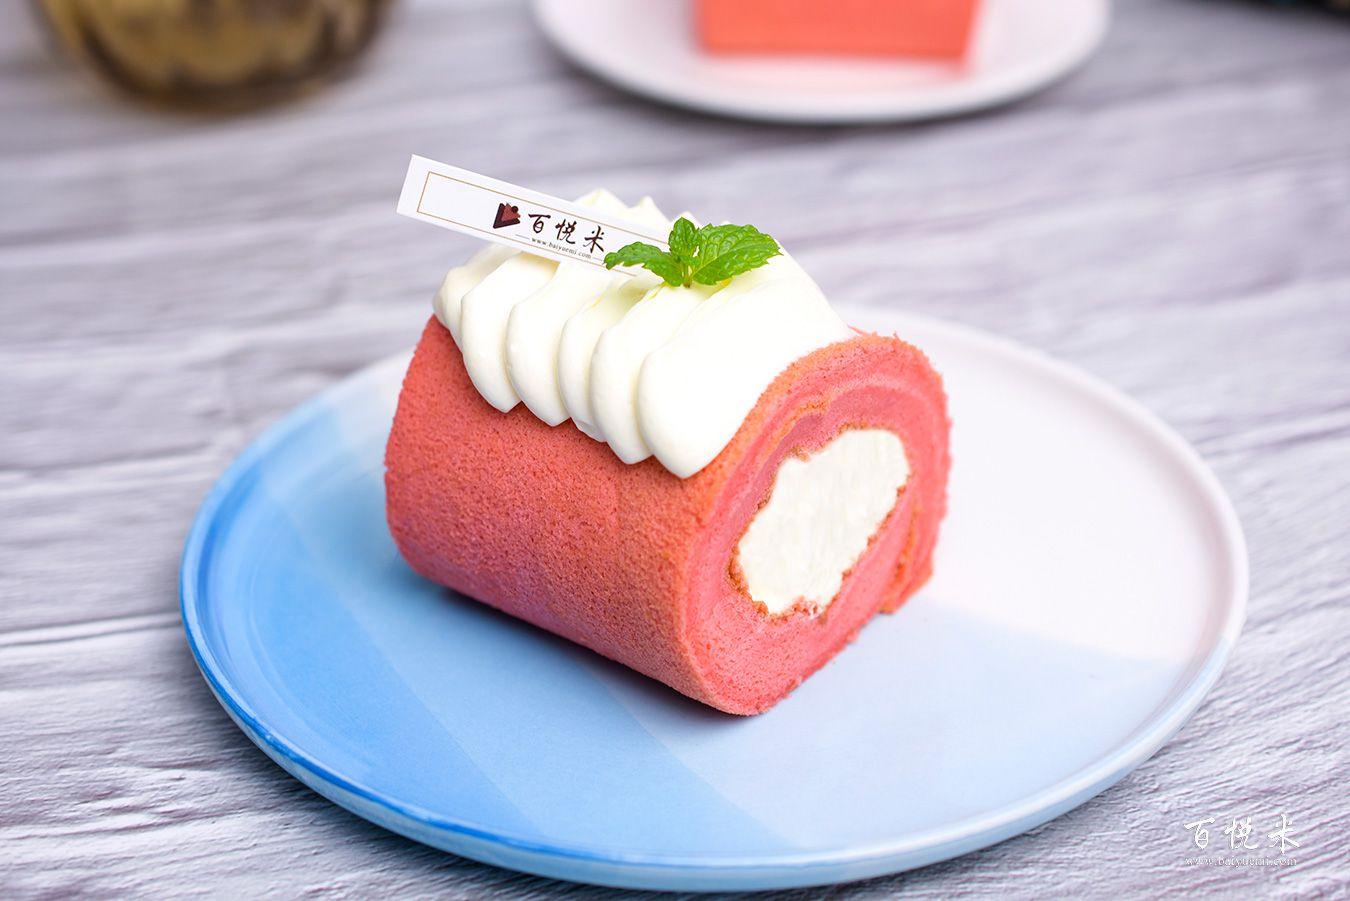 红丝绒蛋糕卷高清图片大全【蛋糕图片】_558